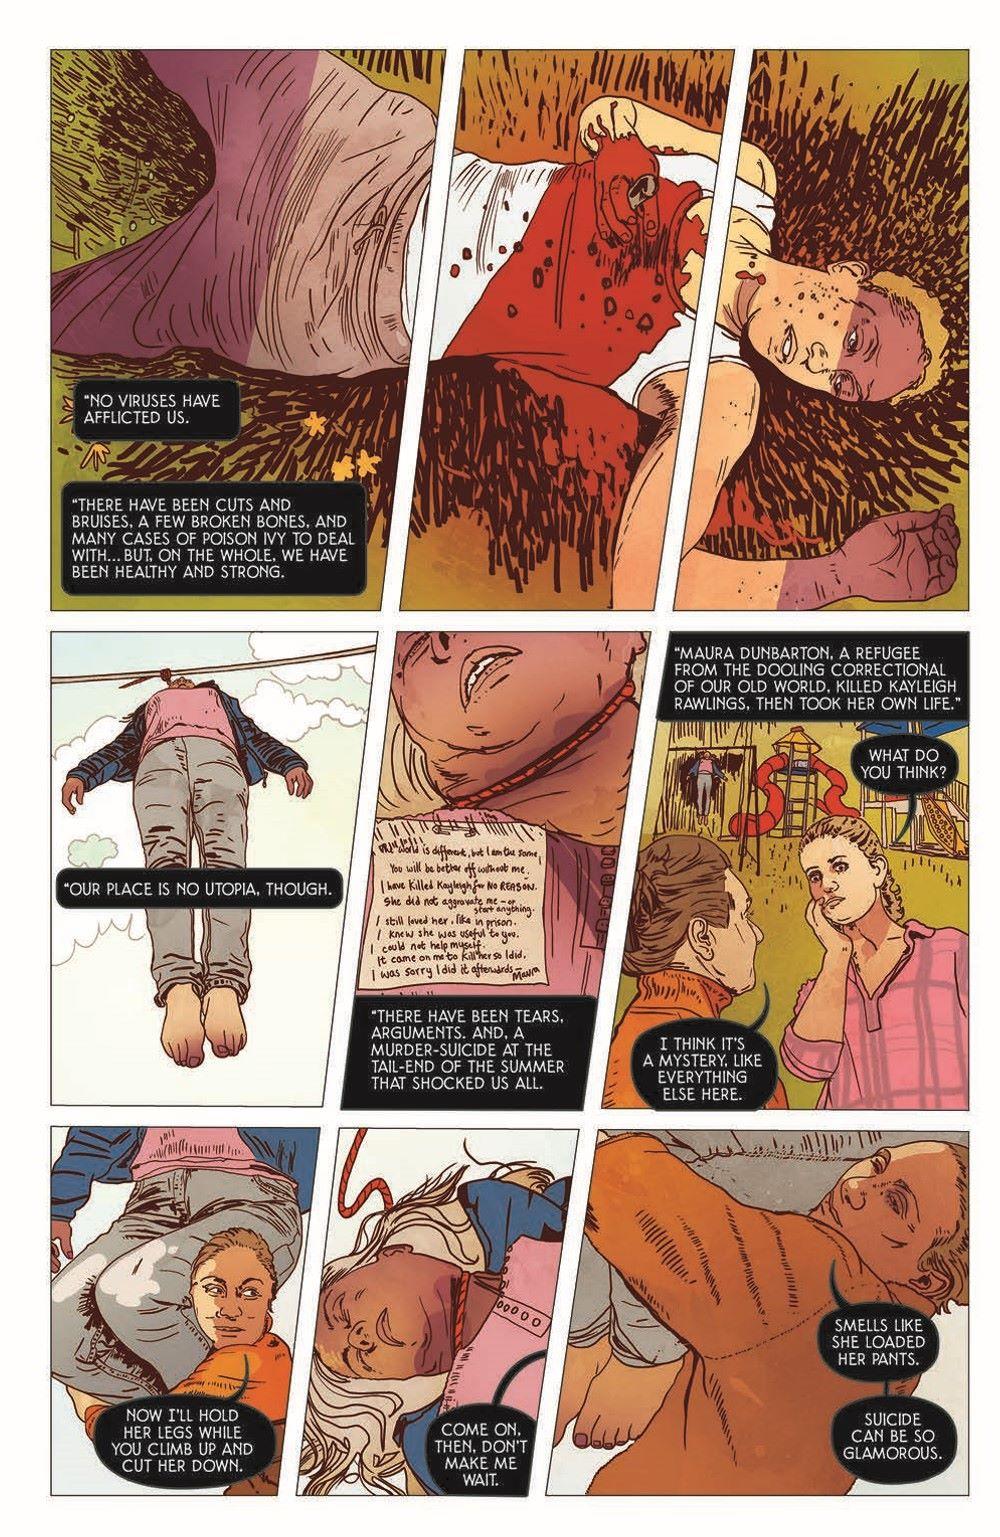 SleepingBeauties_06_pr-5 ComicList Previews: SLEEPING BEAUTIES #6 (OF 10)